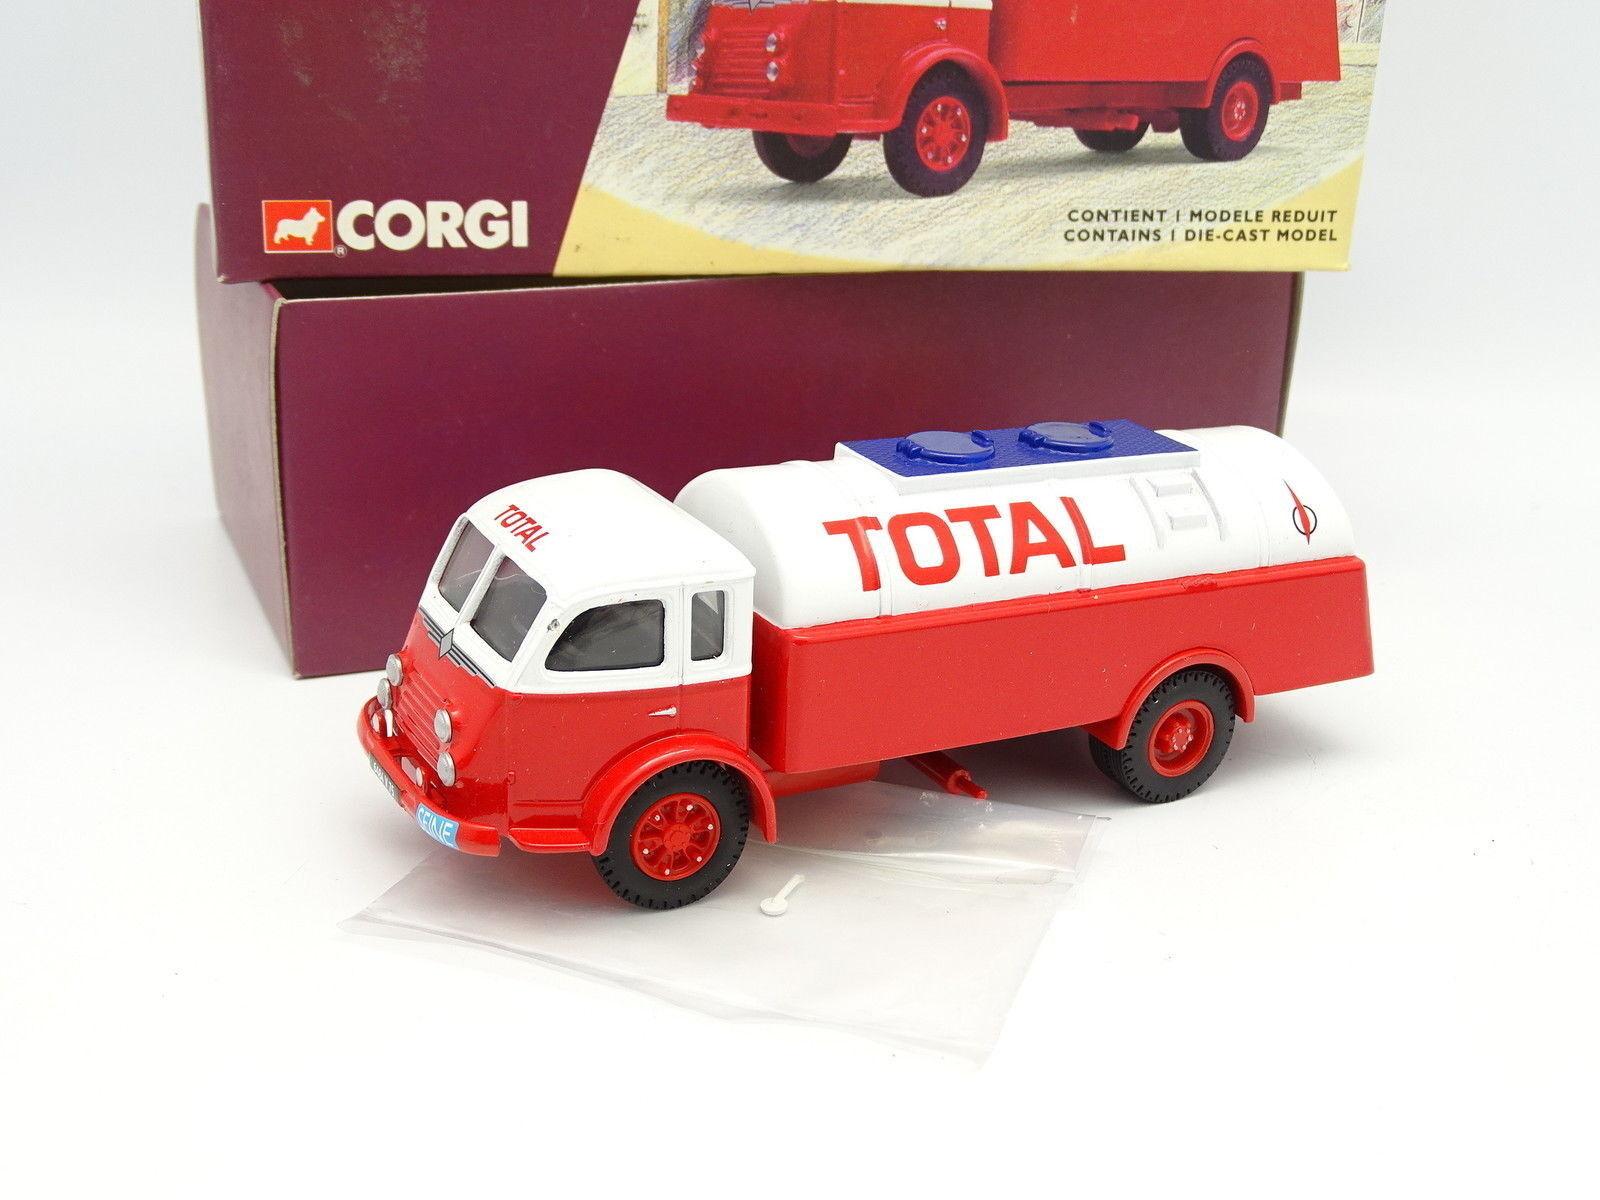 barato en línea Corgi Heritage 1 50 50 50 - Renault Vago Cisterna Total  colores increíbles